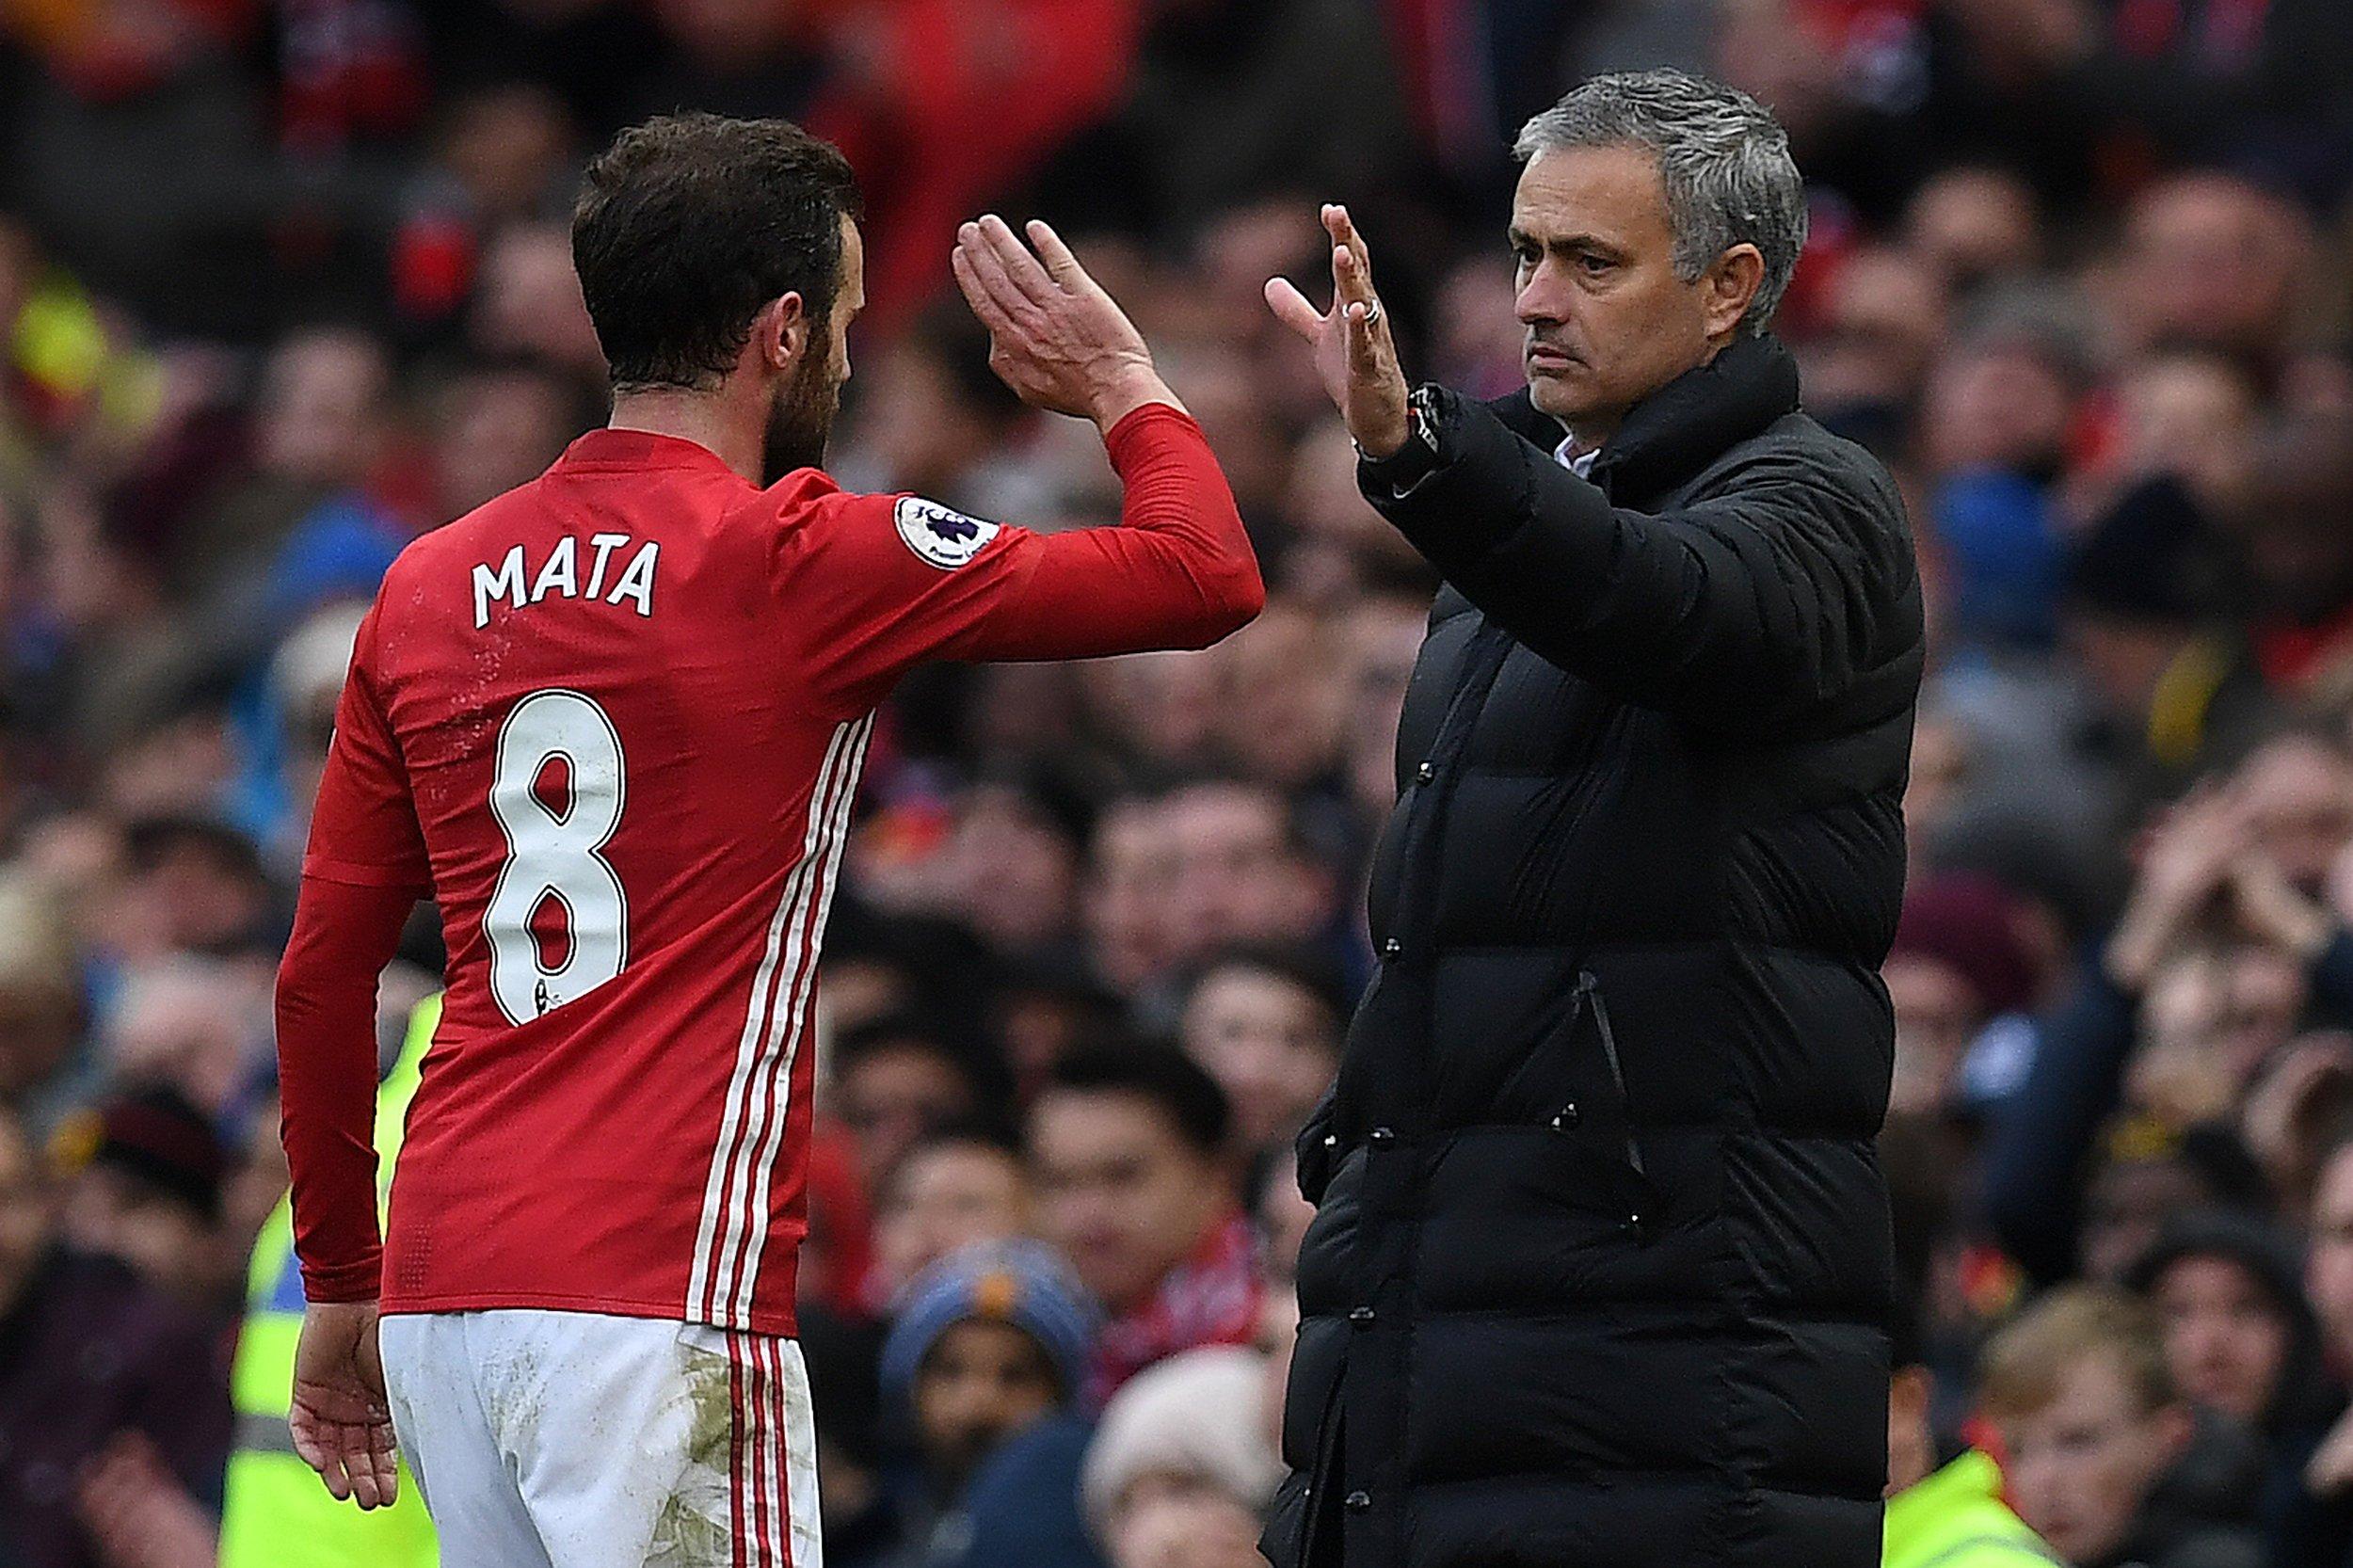 Mata and Mourinho